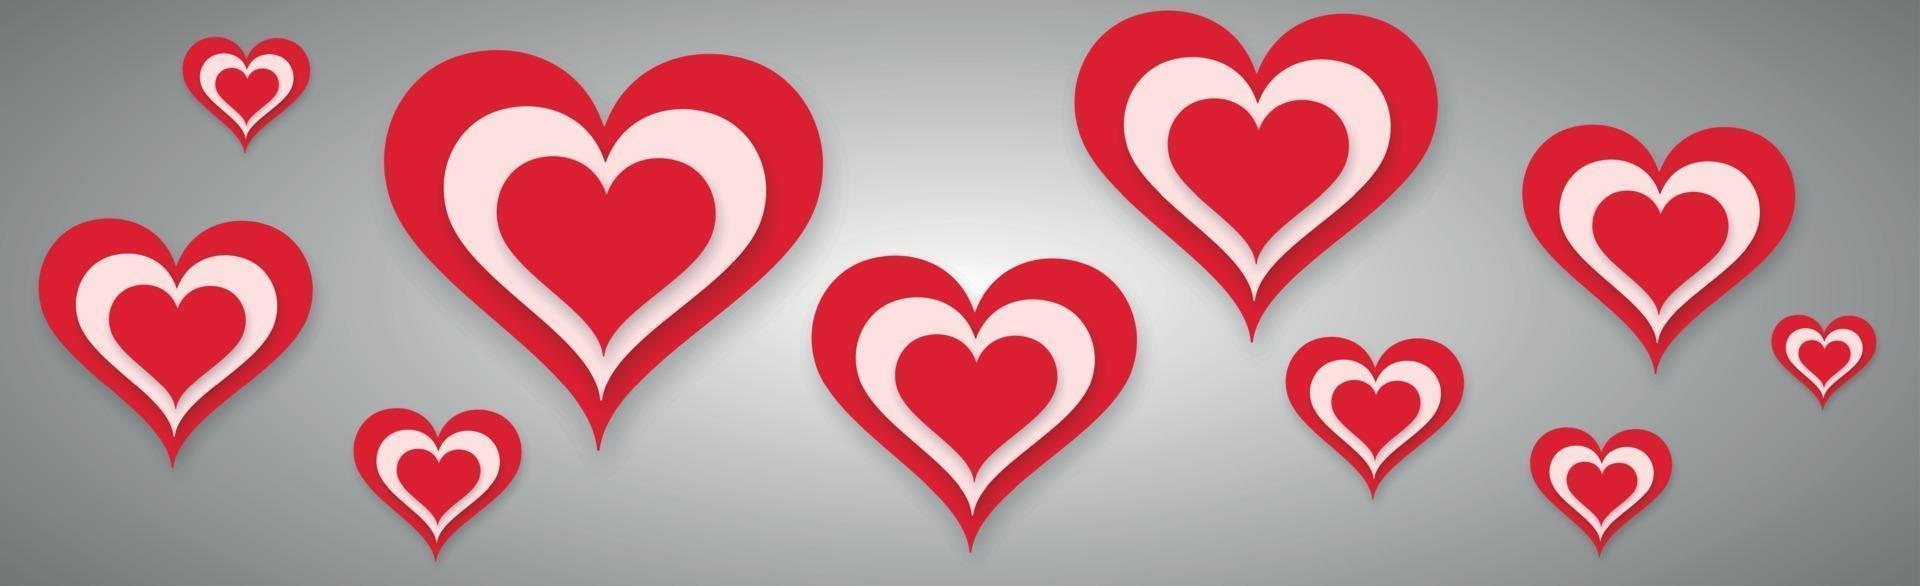 abstract feestelijk rood hart op grijze achtergrond - vector afbeelding